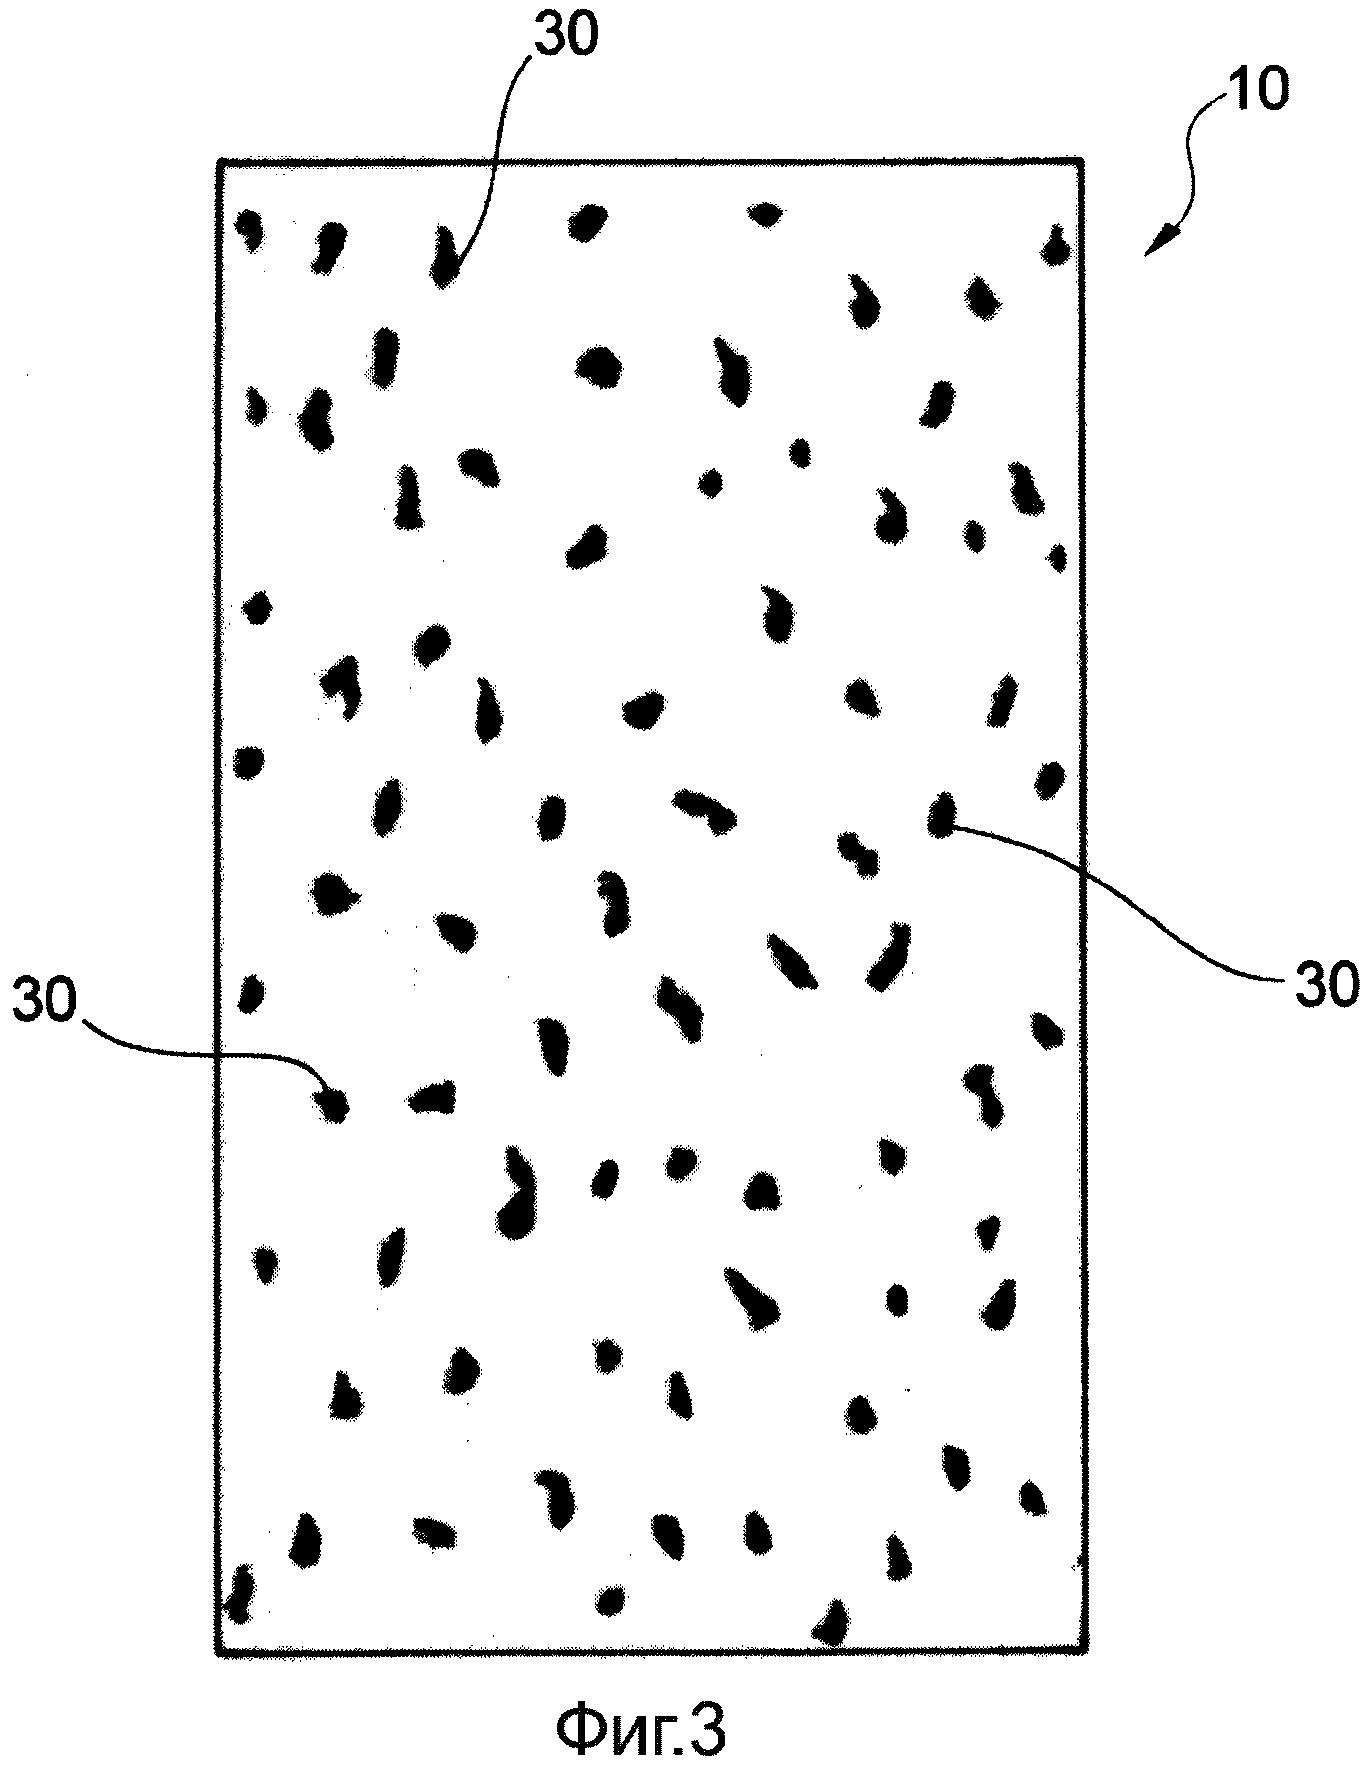 Нетканое полотно и способ его изготовления